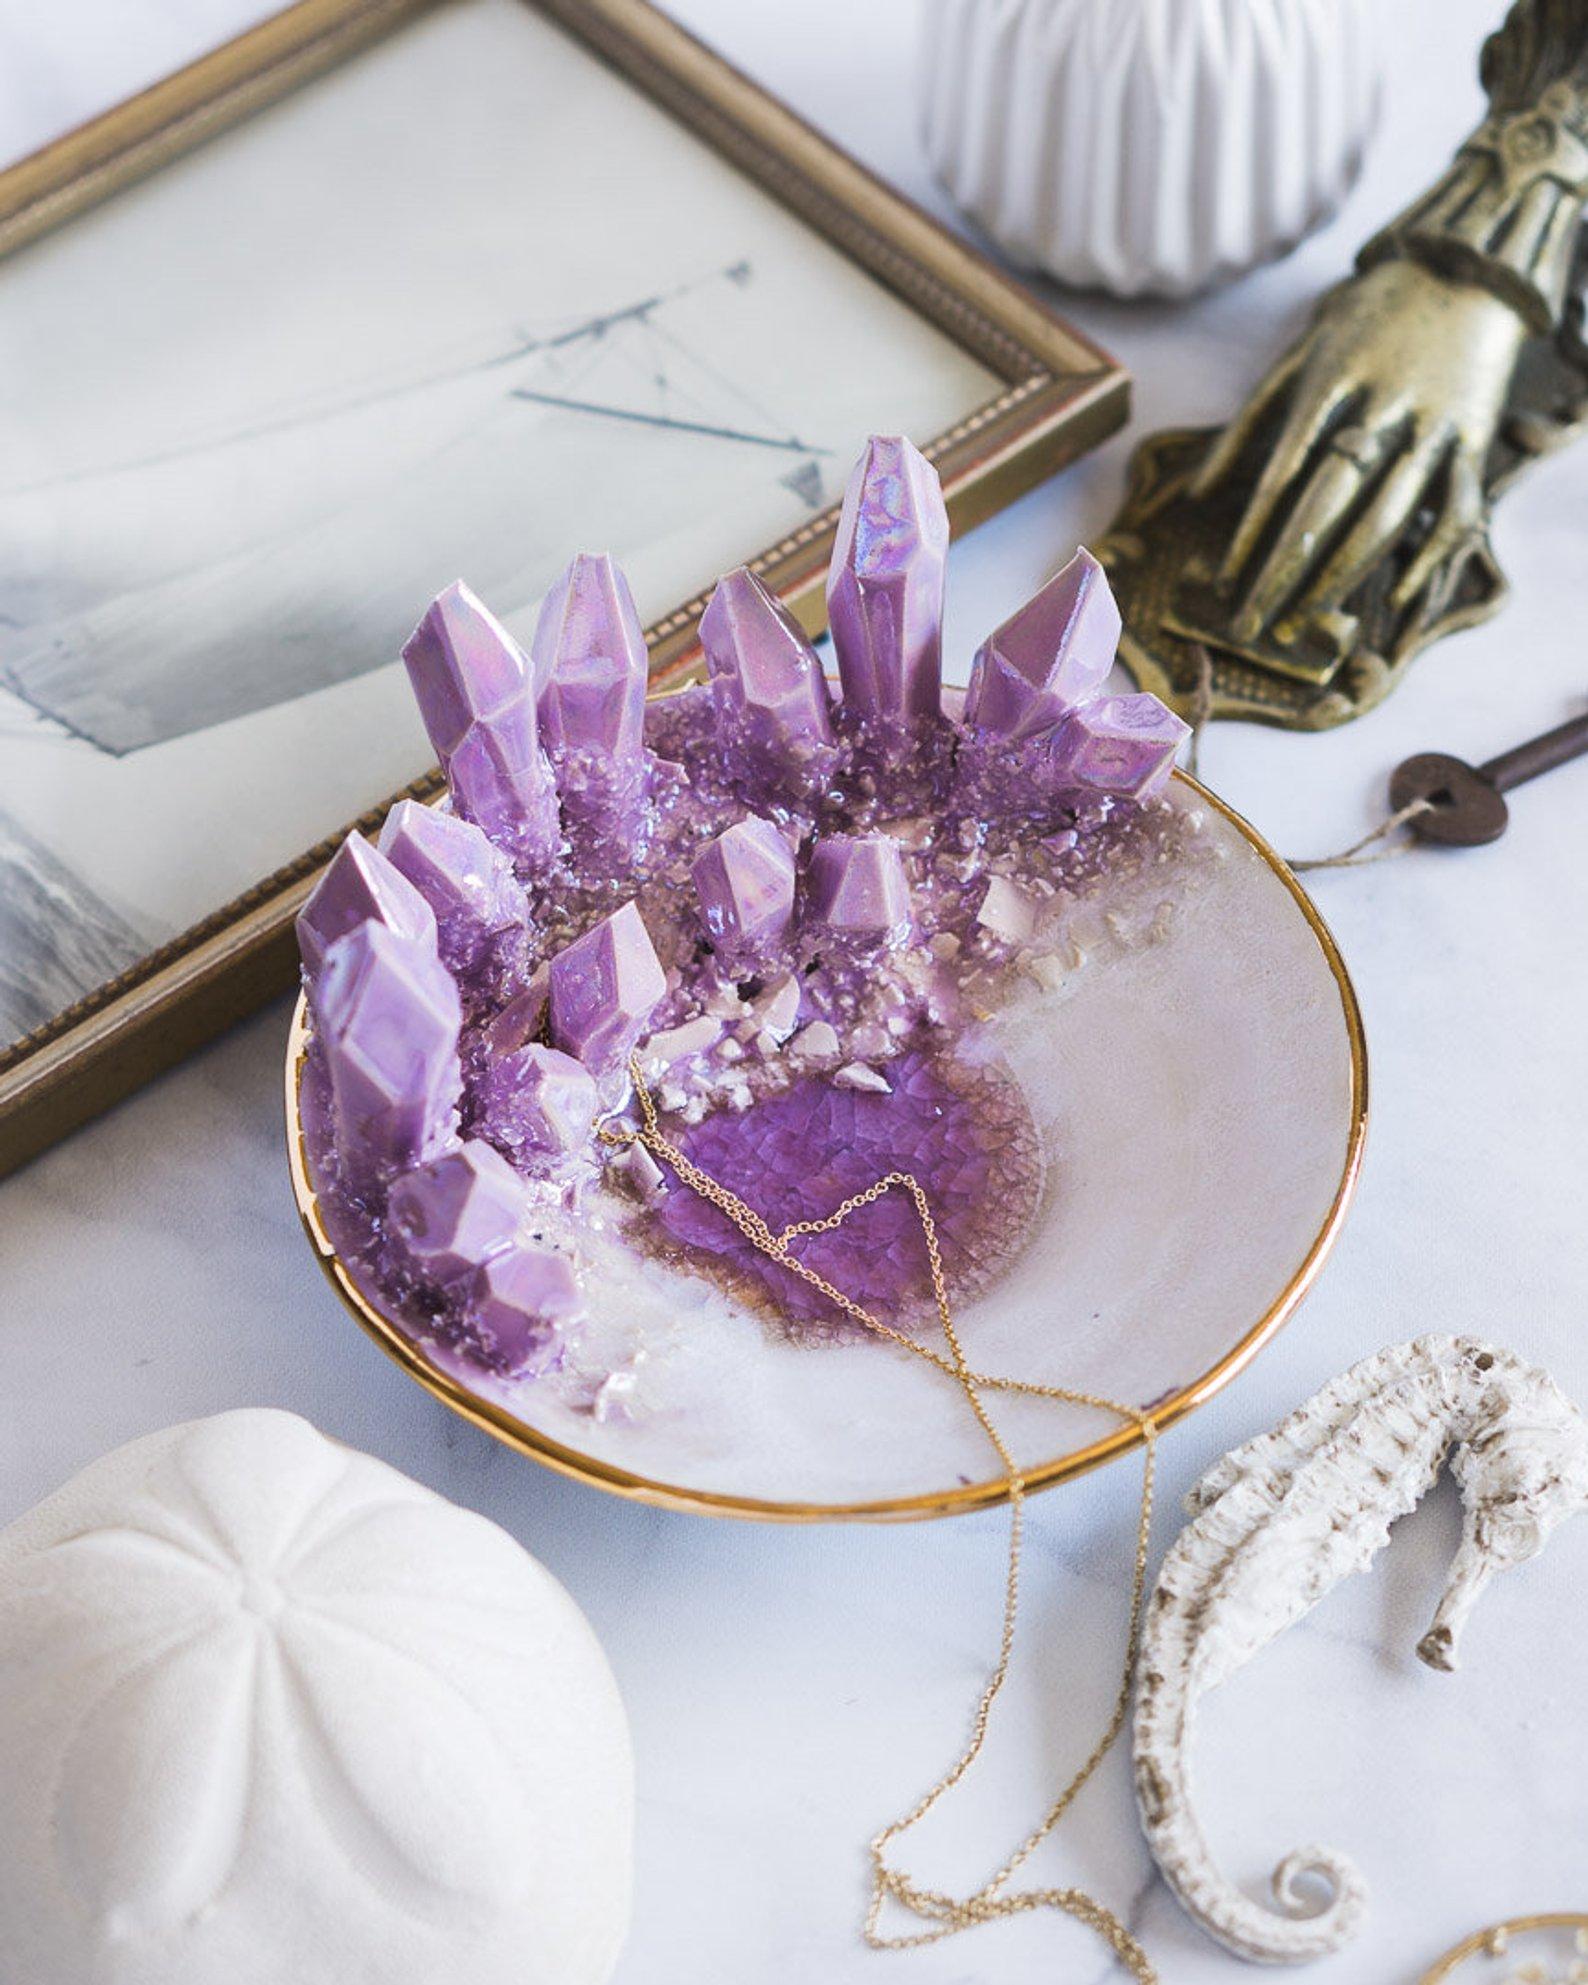 Design-Your-Own Amethyst Crystal Dish By Essarai Ceramics